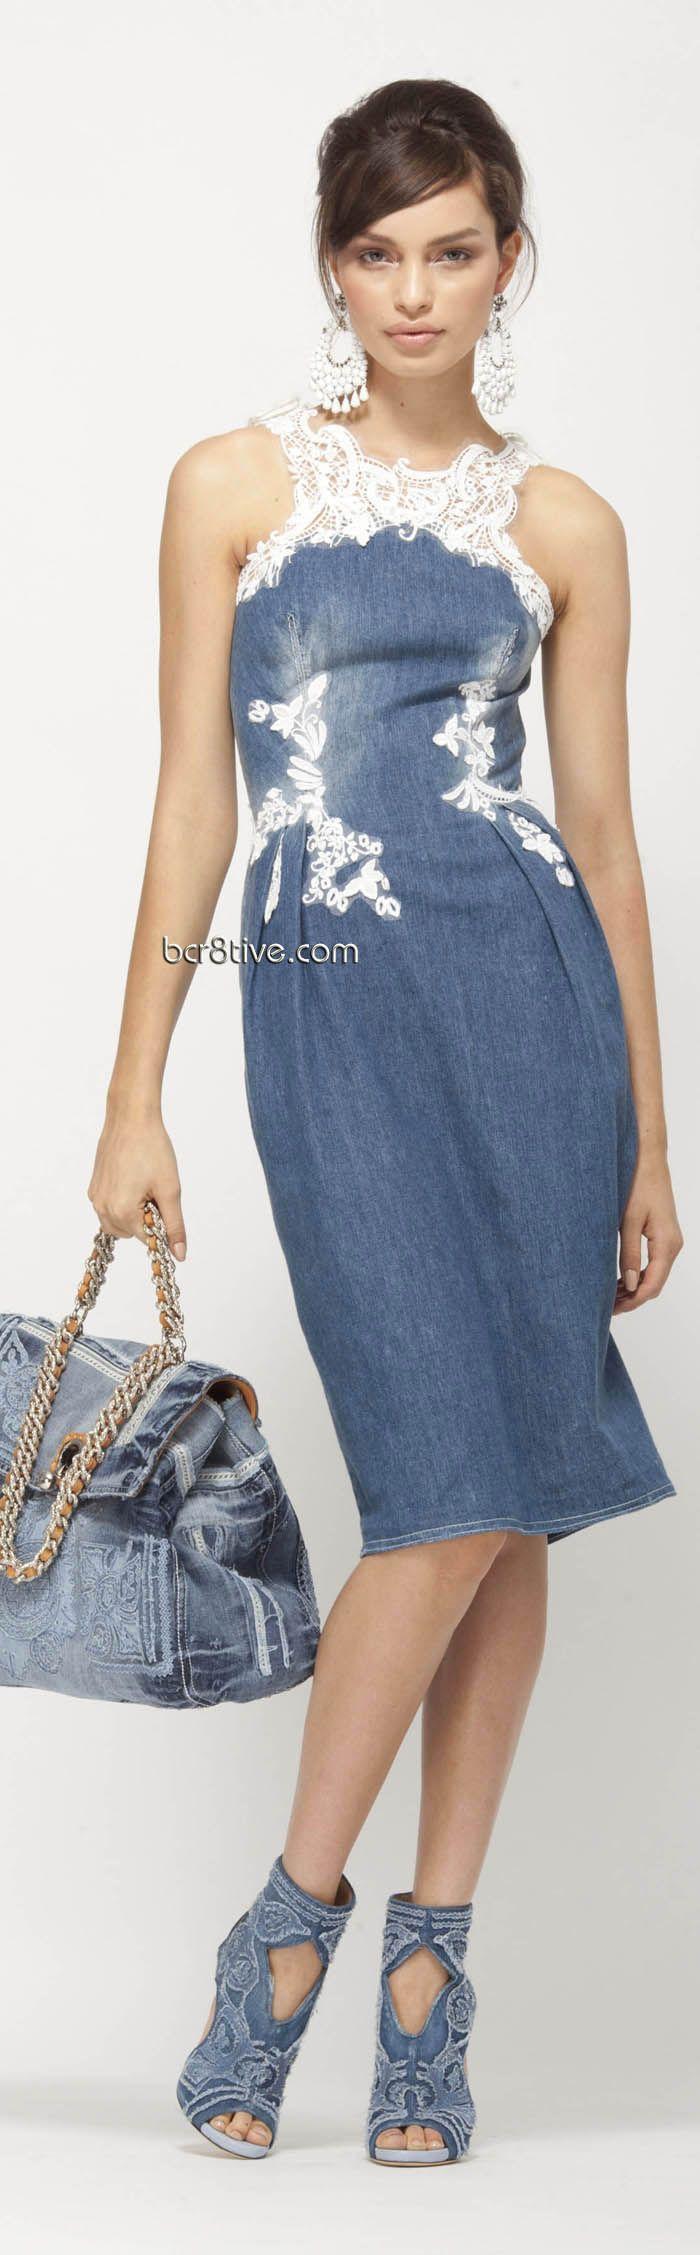 Ermanno Scervino Pre Collection 2013 ~ Super cute denim dress